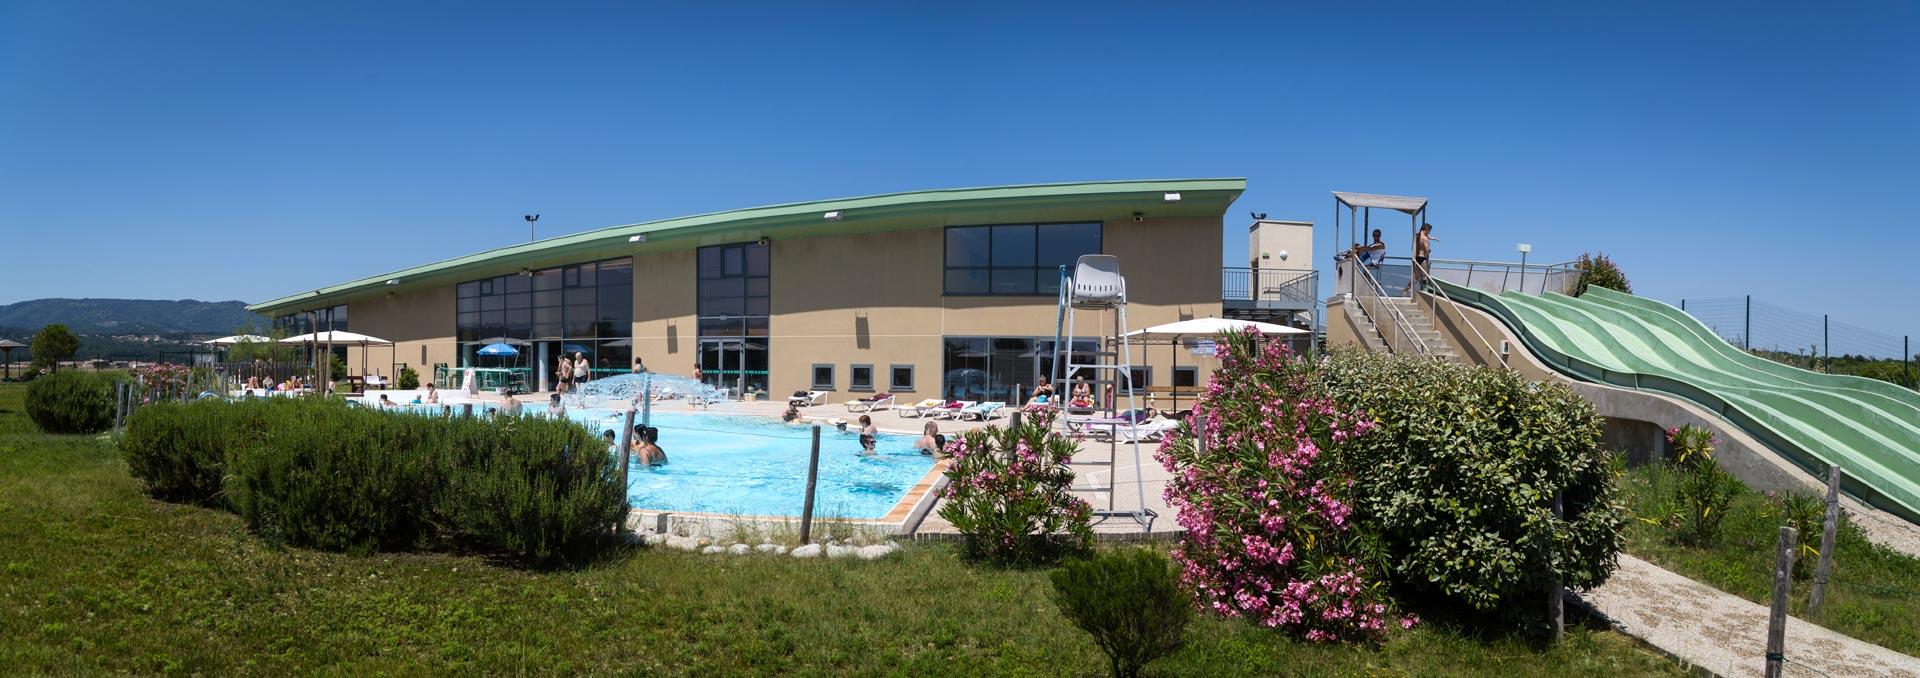 Vue d'ensemble, extérieur piscine